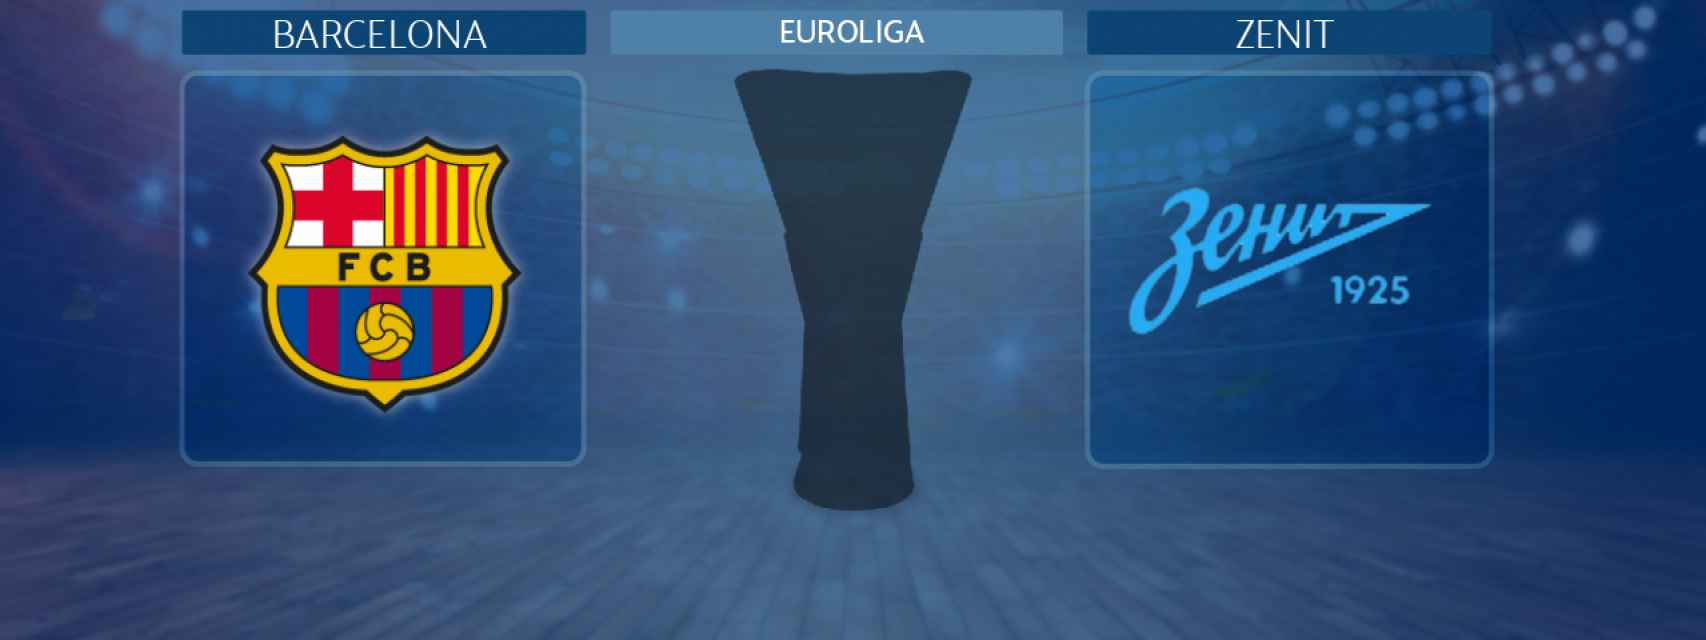 Barcelona - Zenit, partido de la Euroliga